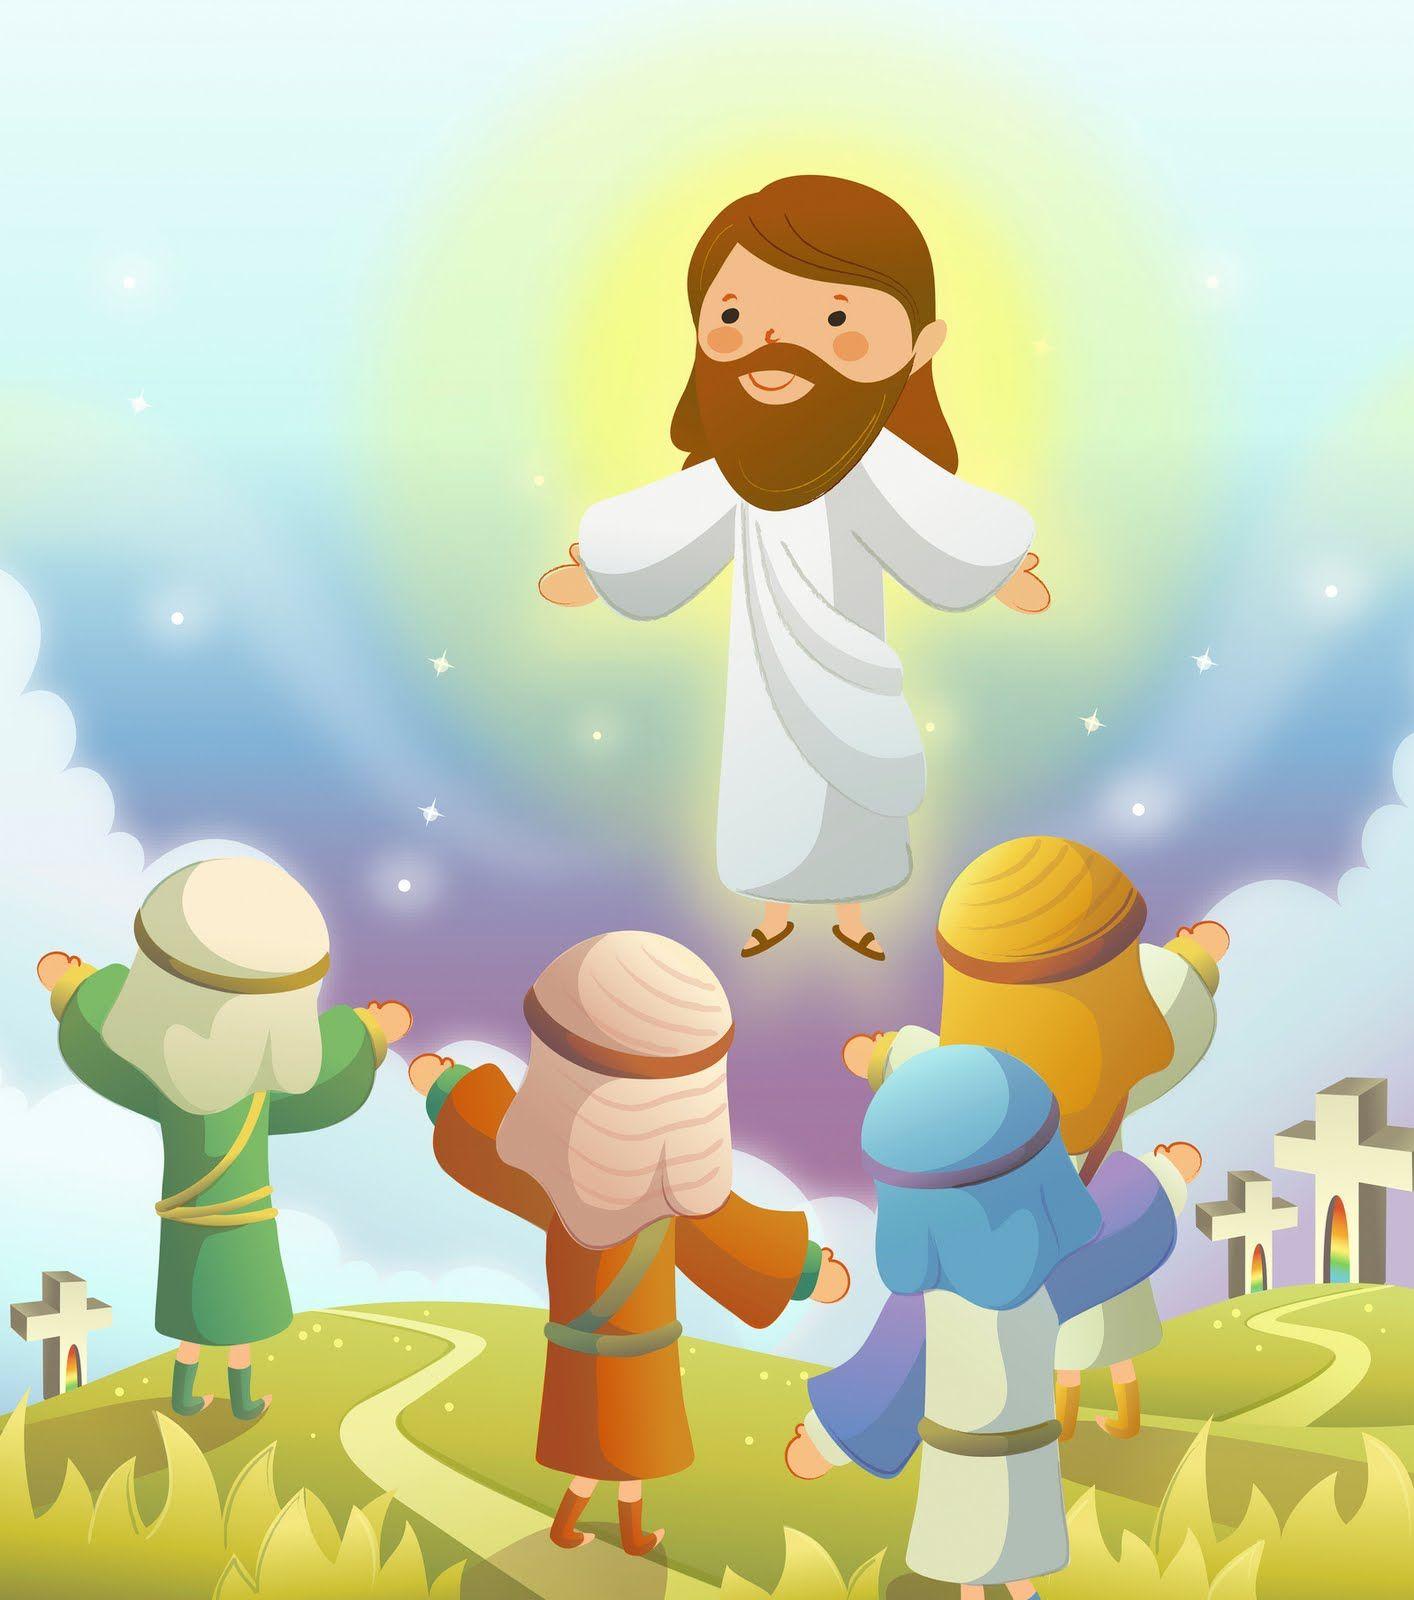 imagenes cristianas catolicas para nios (12)   03 Asig ...